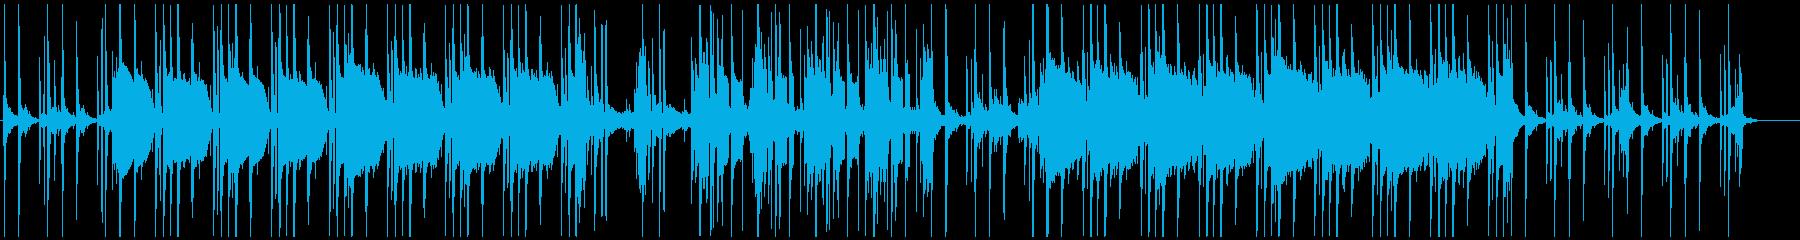 甘いスロウビート/メインテーマの再生済みの波形